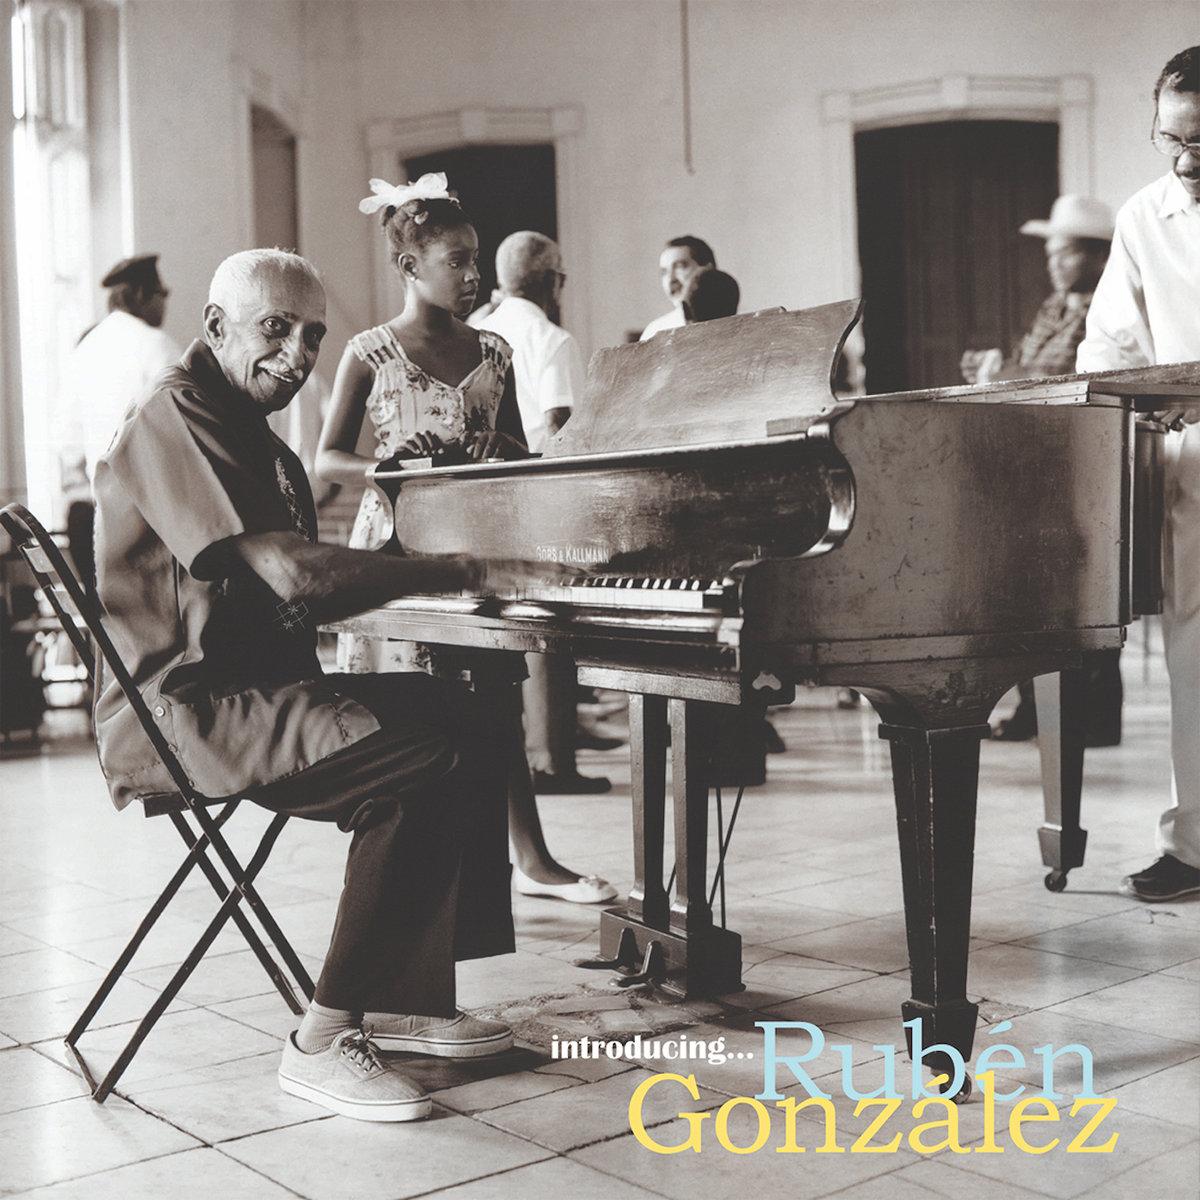 Rubén González - Introducing Rubén González (2xLP) - World Circuit Records